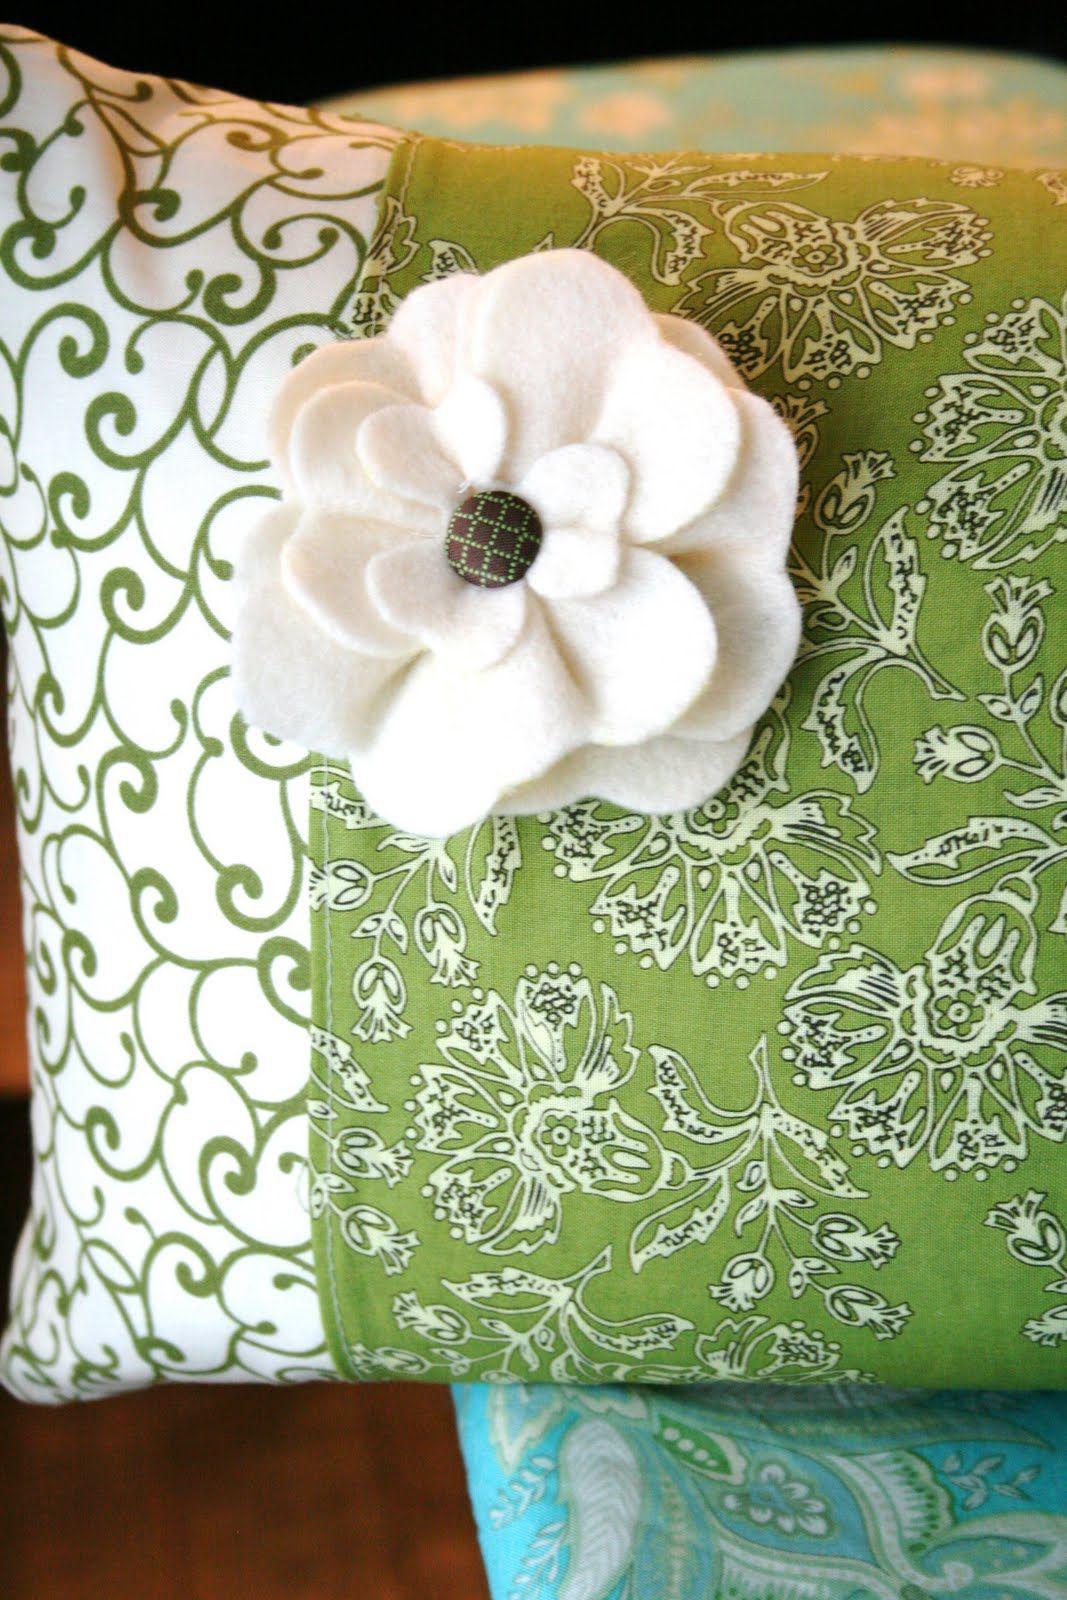 Pin by cindy arnold on pillow talk pinterest pillows tutorials